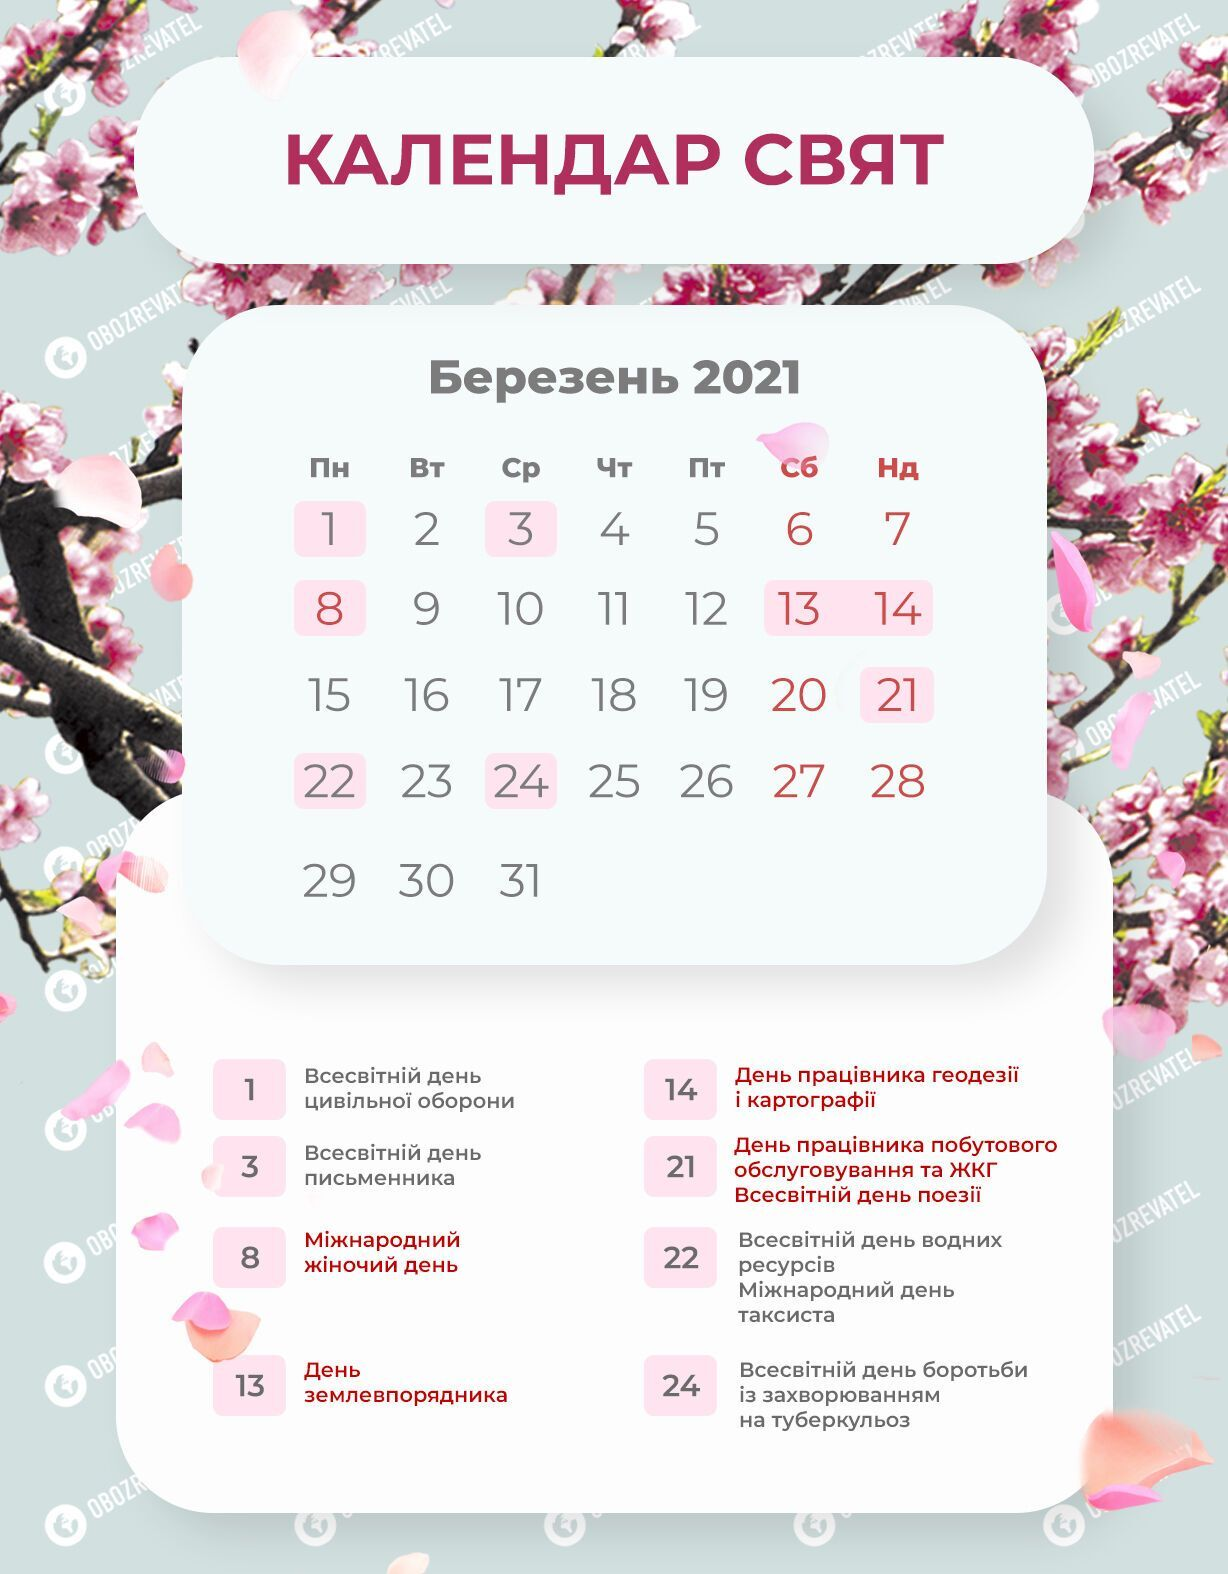 Вихідні на 8 Березня 2021 року: скільки будуть відпочивати в Україні